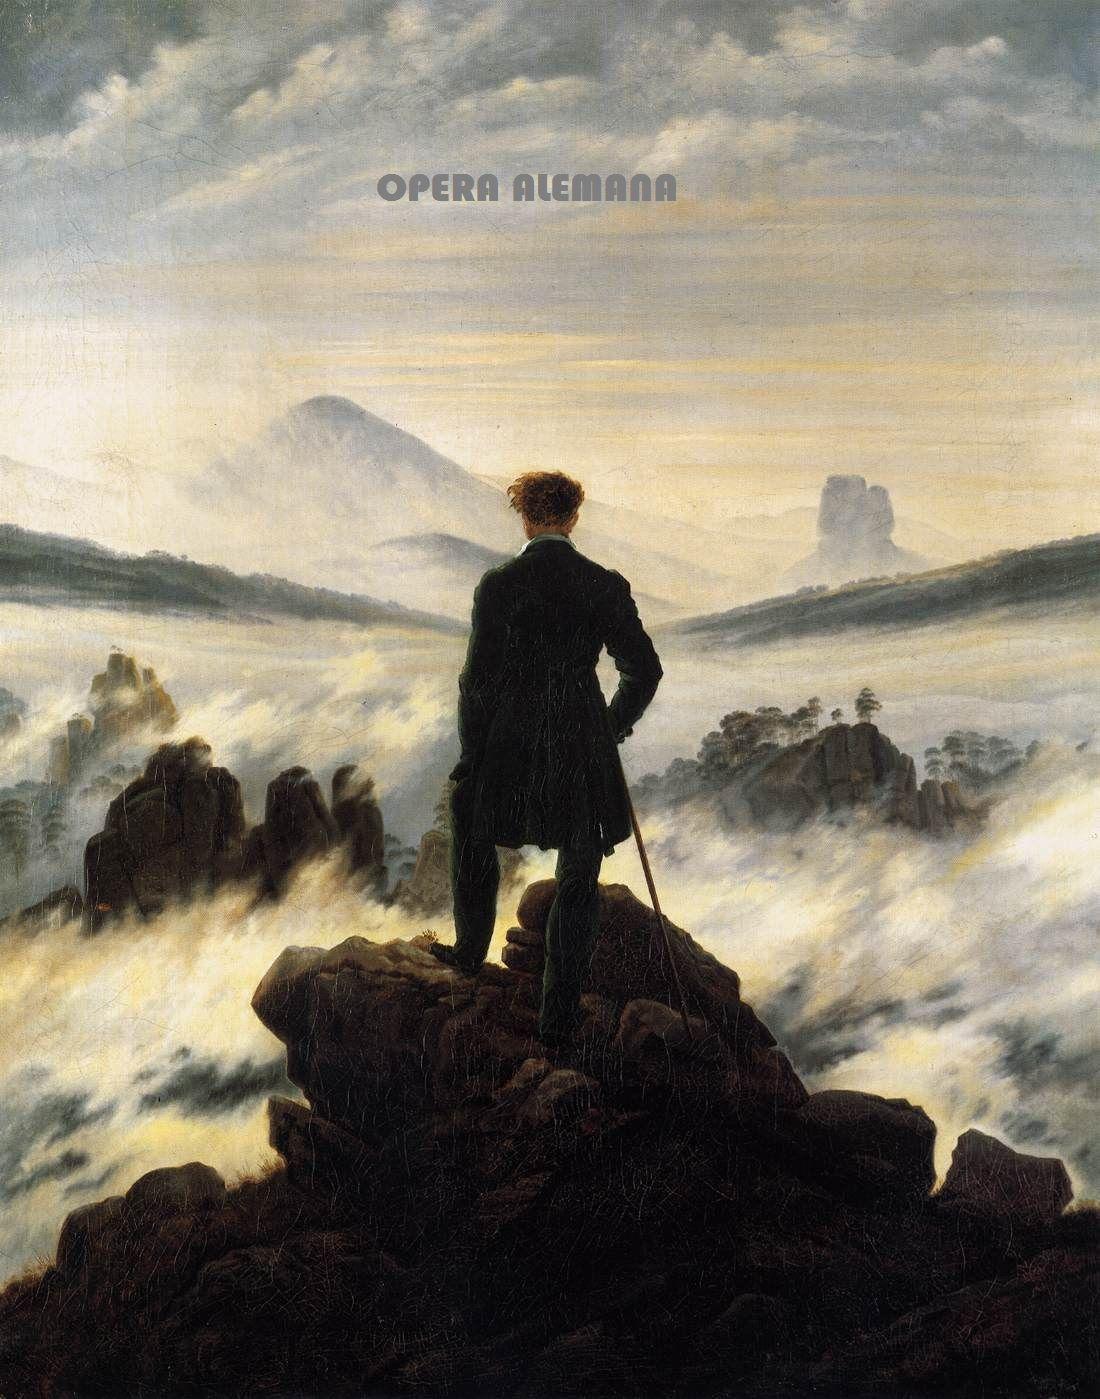 opera alemana